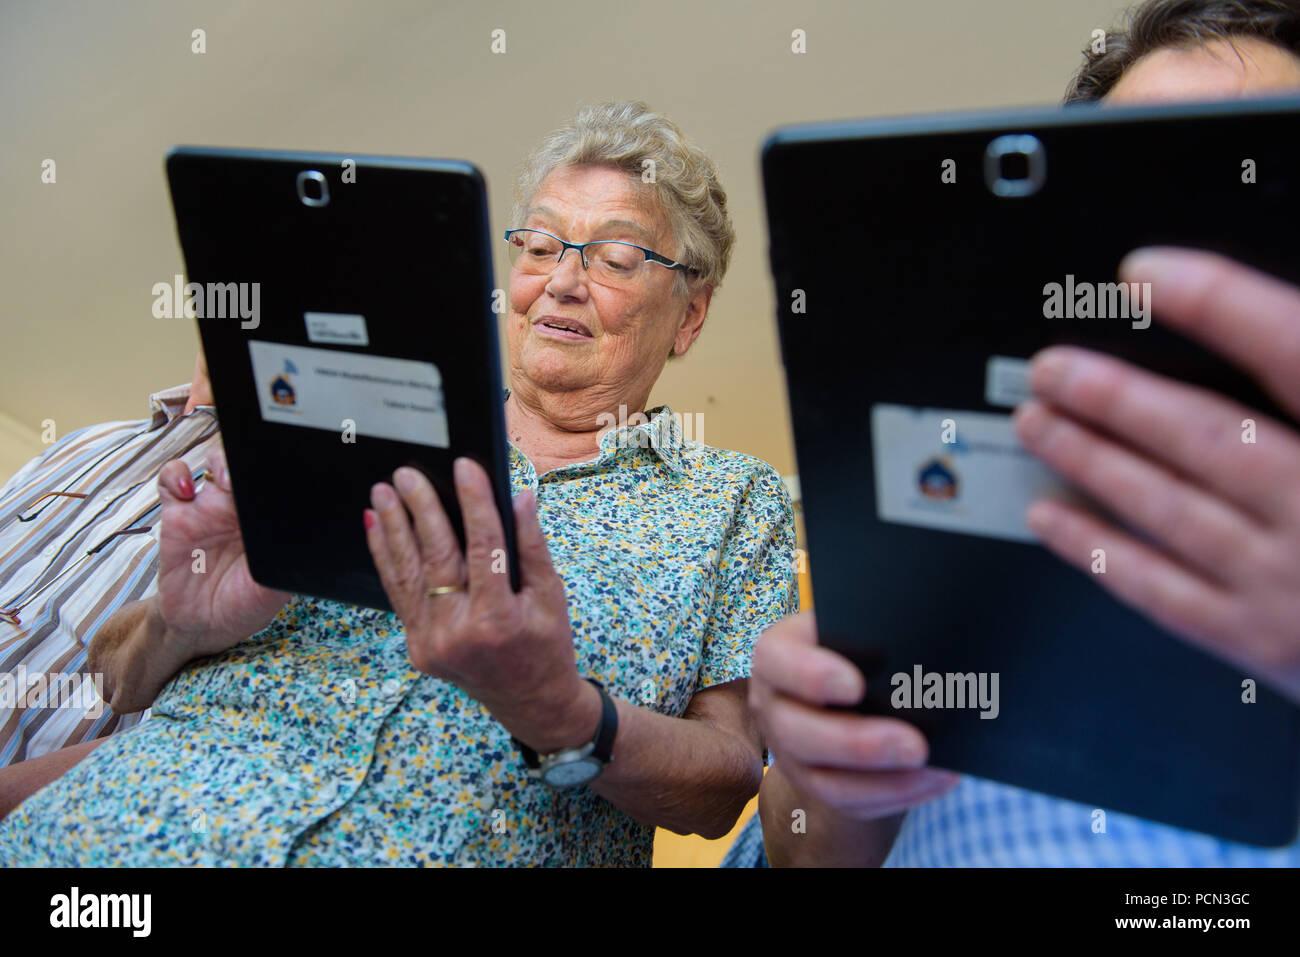 """Schwalbach, Deutschland. 02 Aug, 2018. Die Teilnehmer im """"virtuellen Multi - Generations-Aübersicht Haus"""" Projekt halten Tabletten in die Hand. In diesem Projekt lernen die Menschen, wie Tabletten, damit Sie Netzwerk miteinander über Generationen hinweg. (Auf dpa lrs-Korr: """"Virtuelles Projekt Netzwerke Generationen im Saarland"""" vom 04.08.2018) Credit: Oliver Dietze/dpa/Alamy leben Nachrichten Stockbild"""